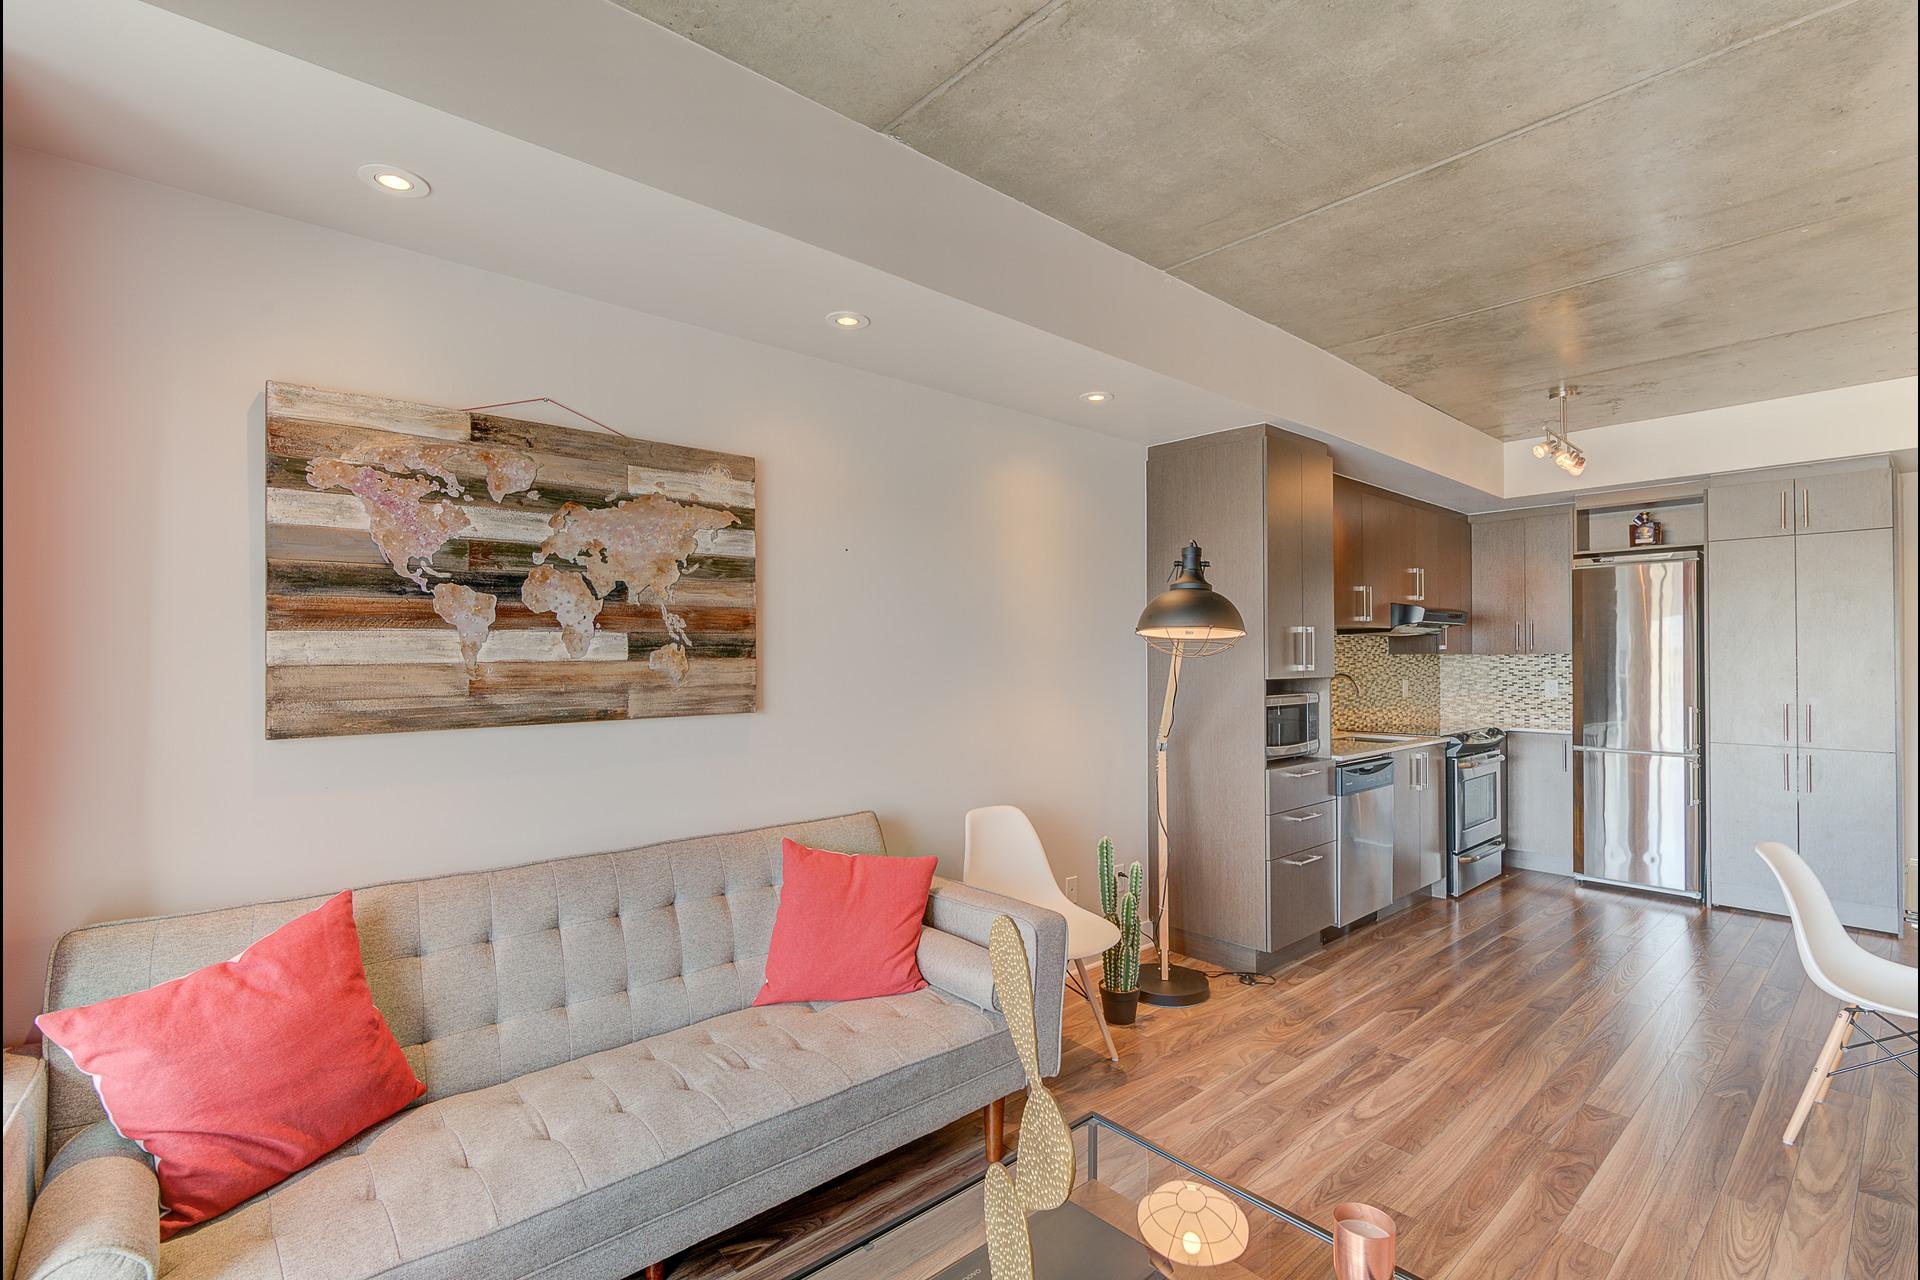 image 10 - Condo For rent Montréal - 3 rooms